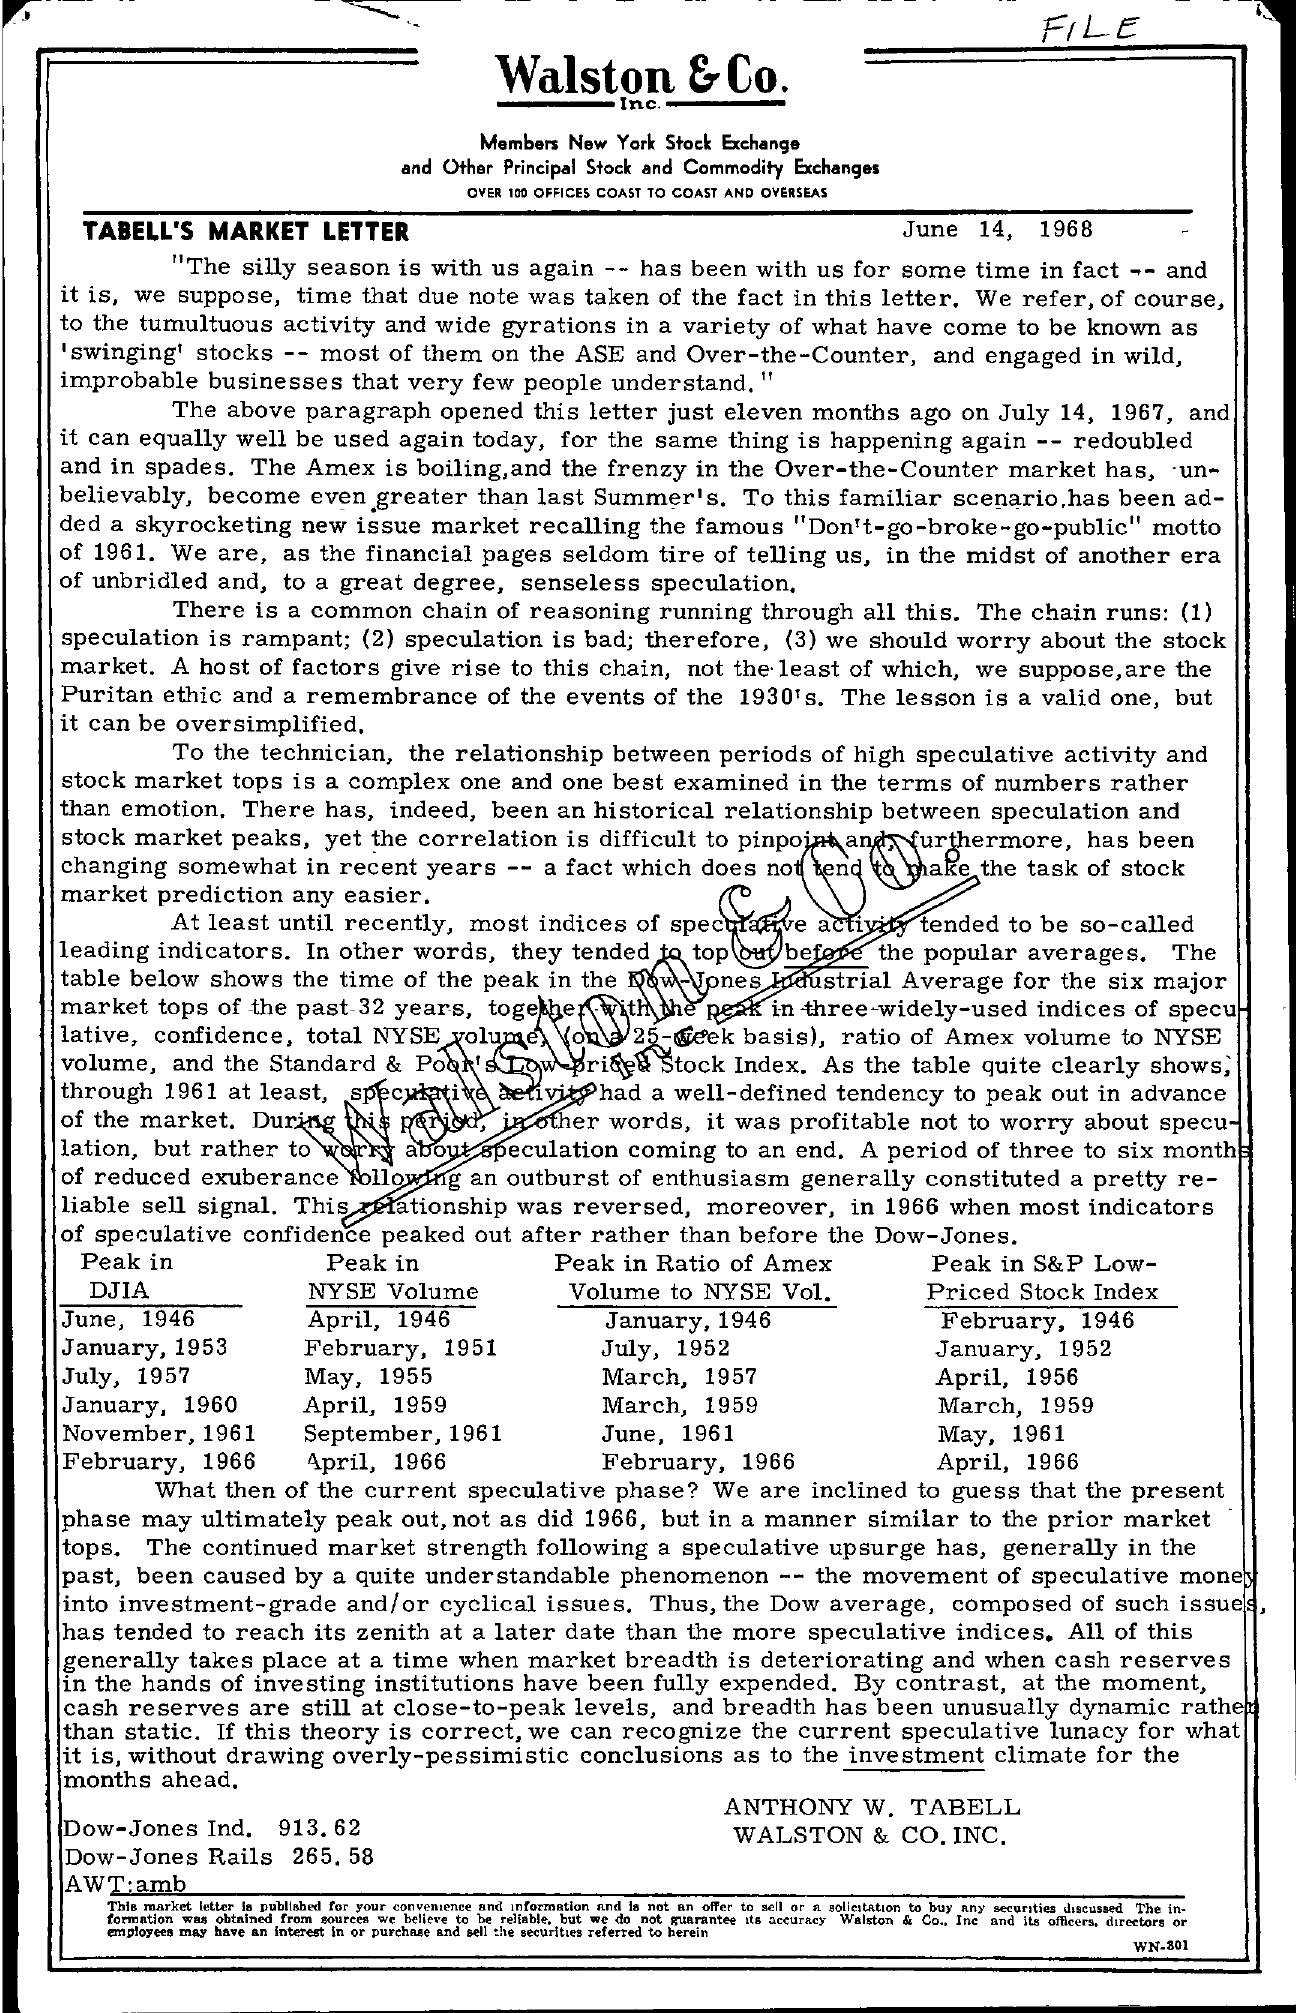 Tabell's Market Letter - June 14, 1968